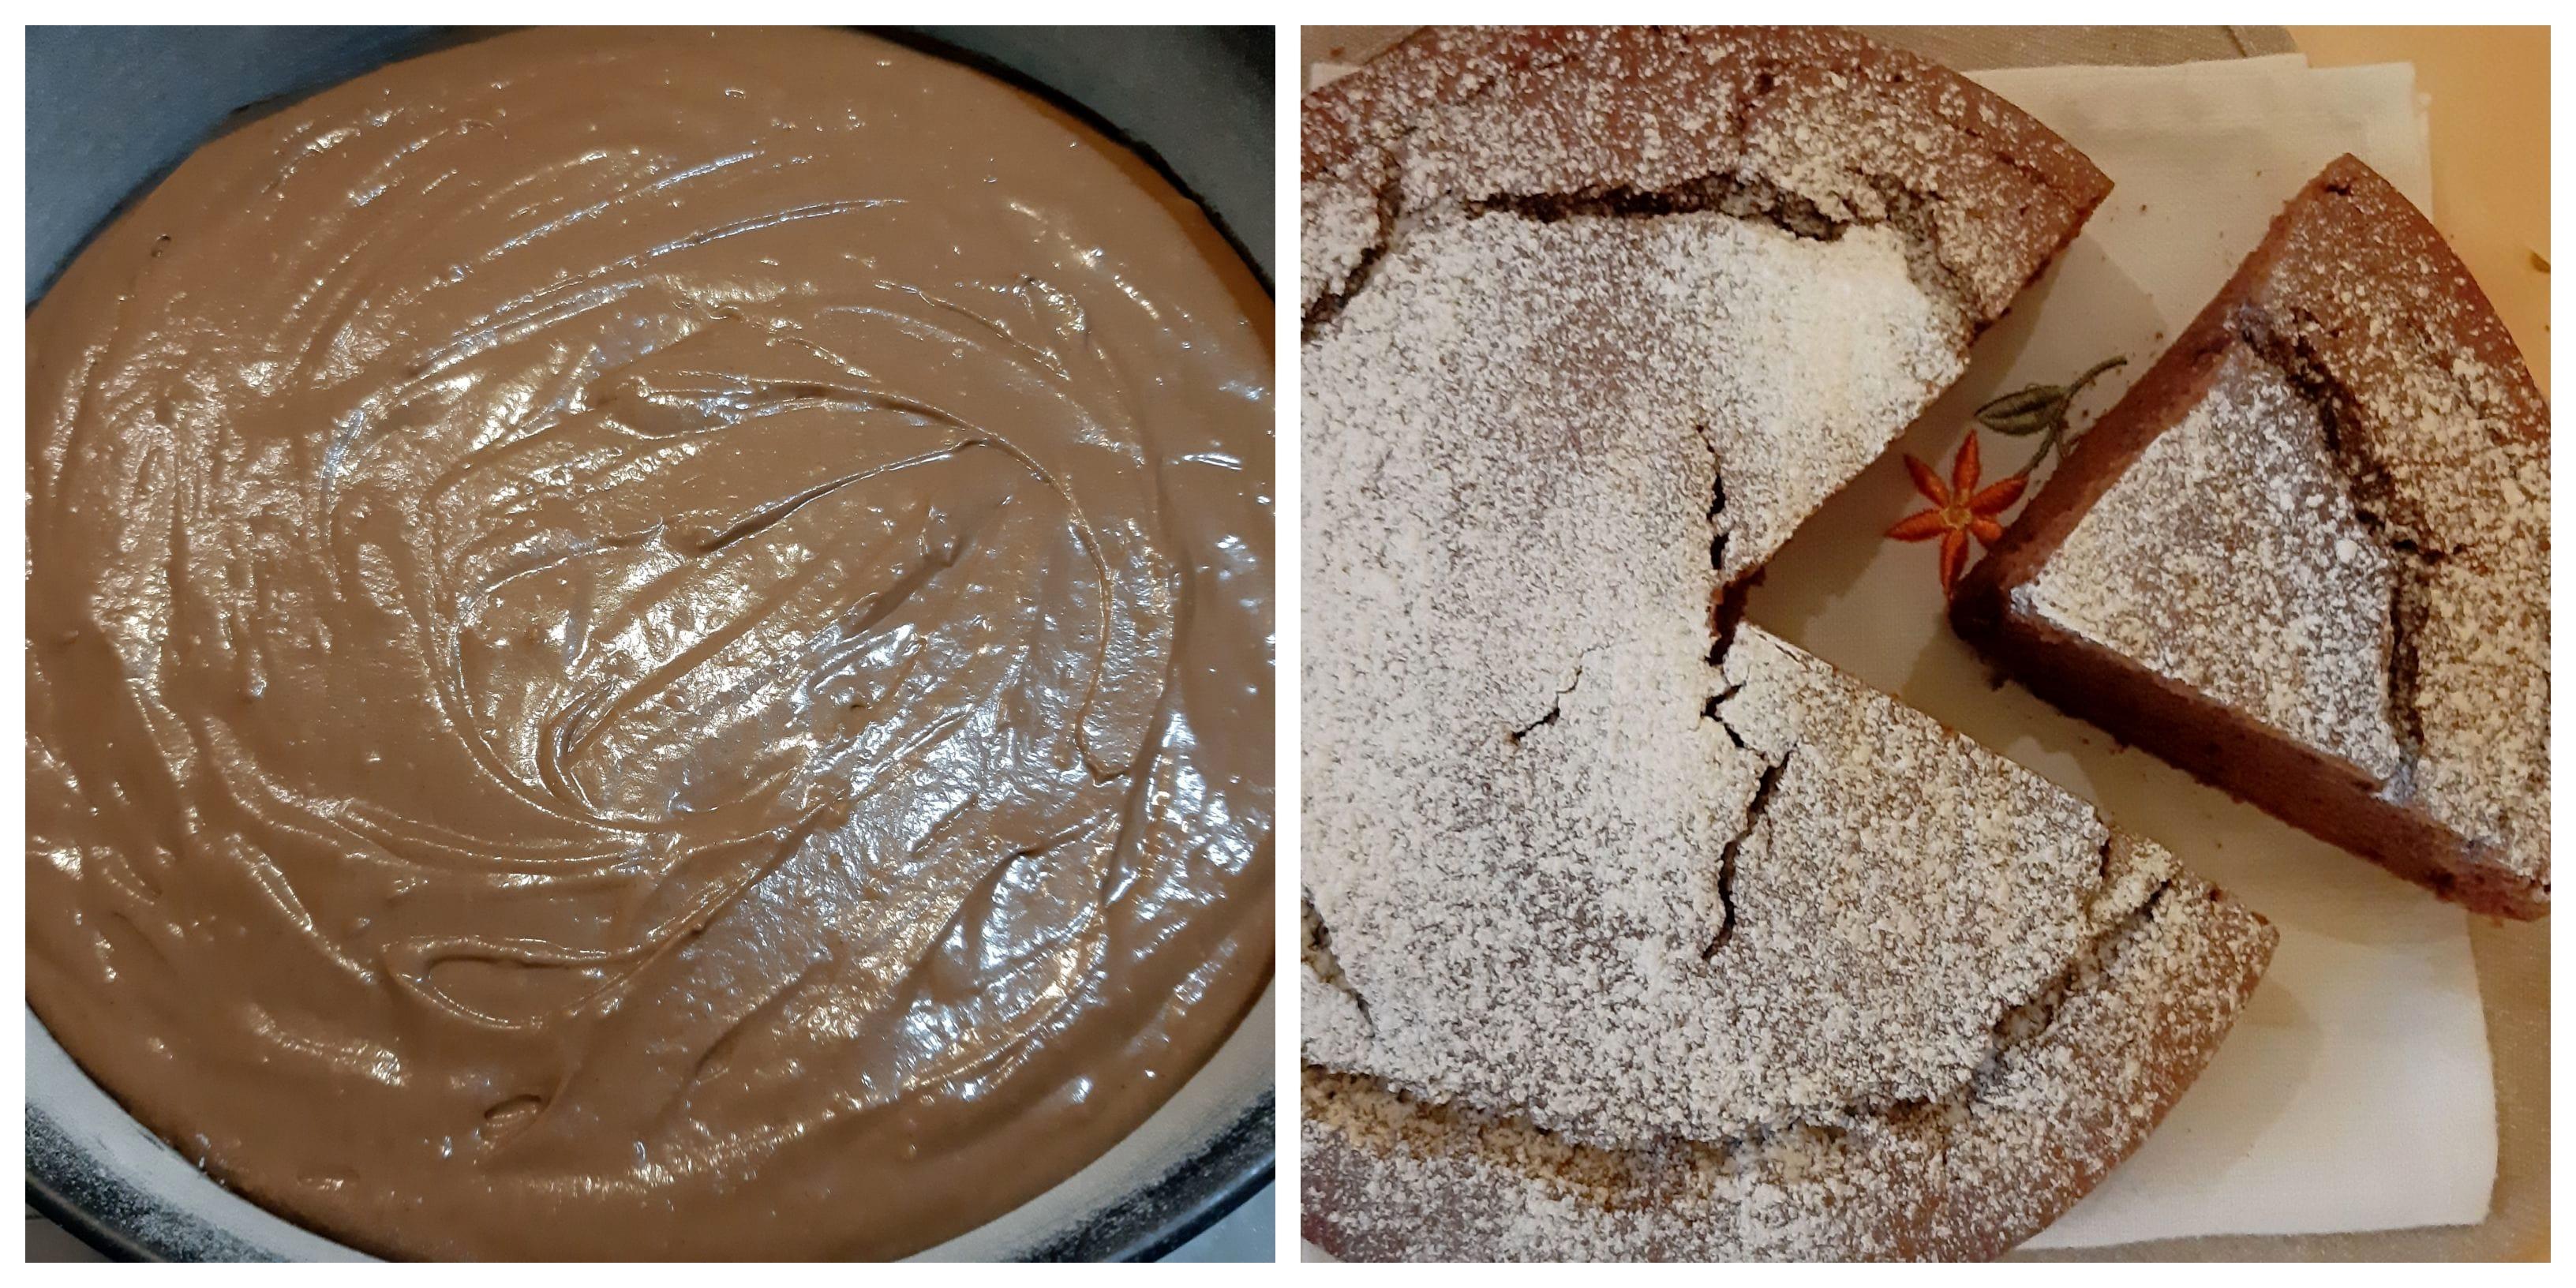 torta ricotta cioccolato arancia box@VG-2